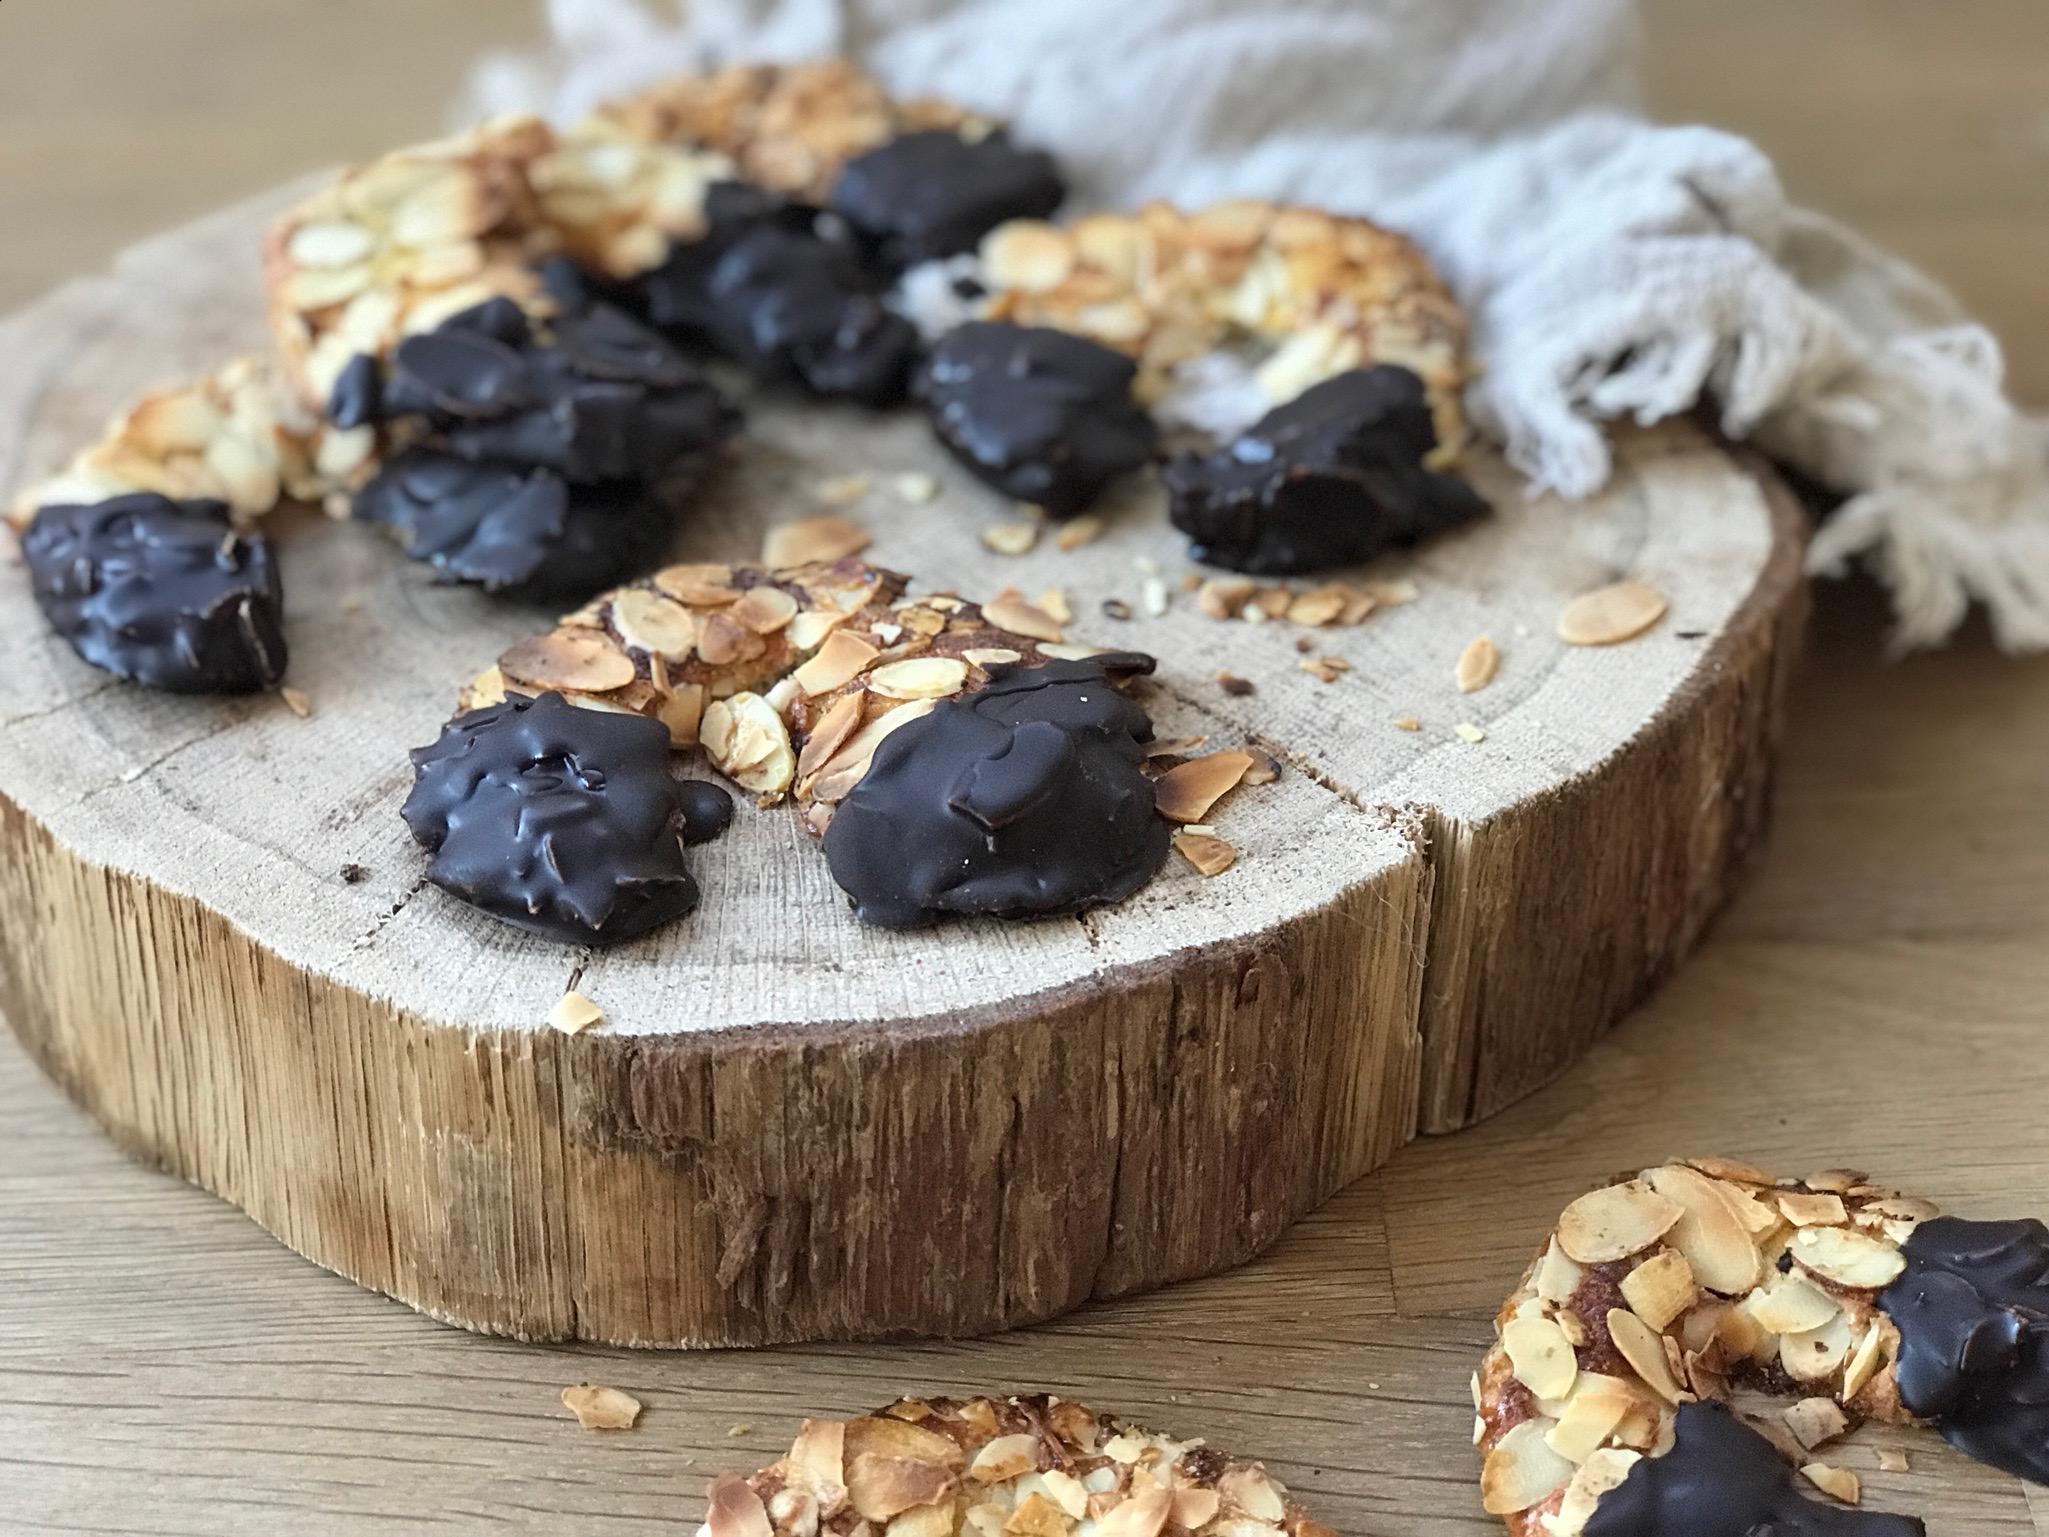 Mandelhörnchen Rezept mit Mehl, Mandelmehl und Eiweis ! Super lecker ! Auf unserem Blog www.elfenkindberlin.de zeige ich euch wie ihr schnell und einfach diese leckeren Mandelhörnchen backen könnt!